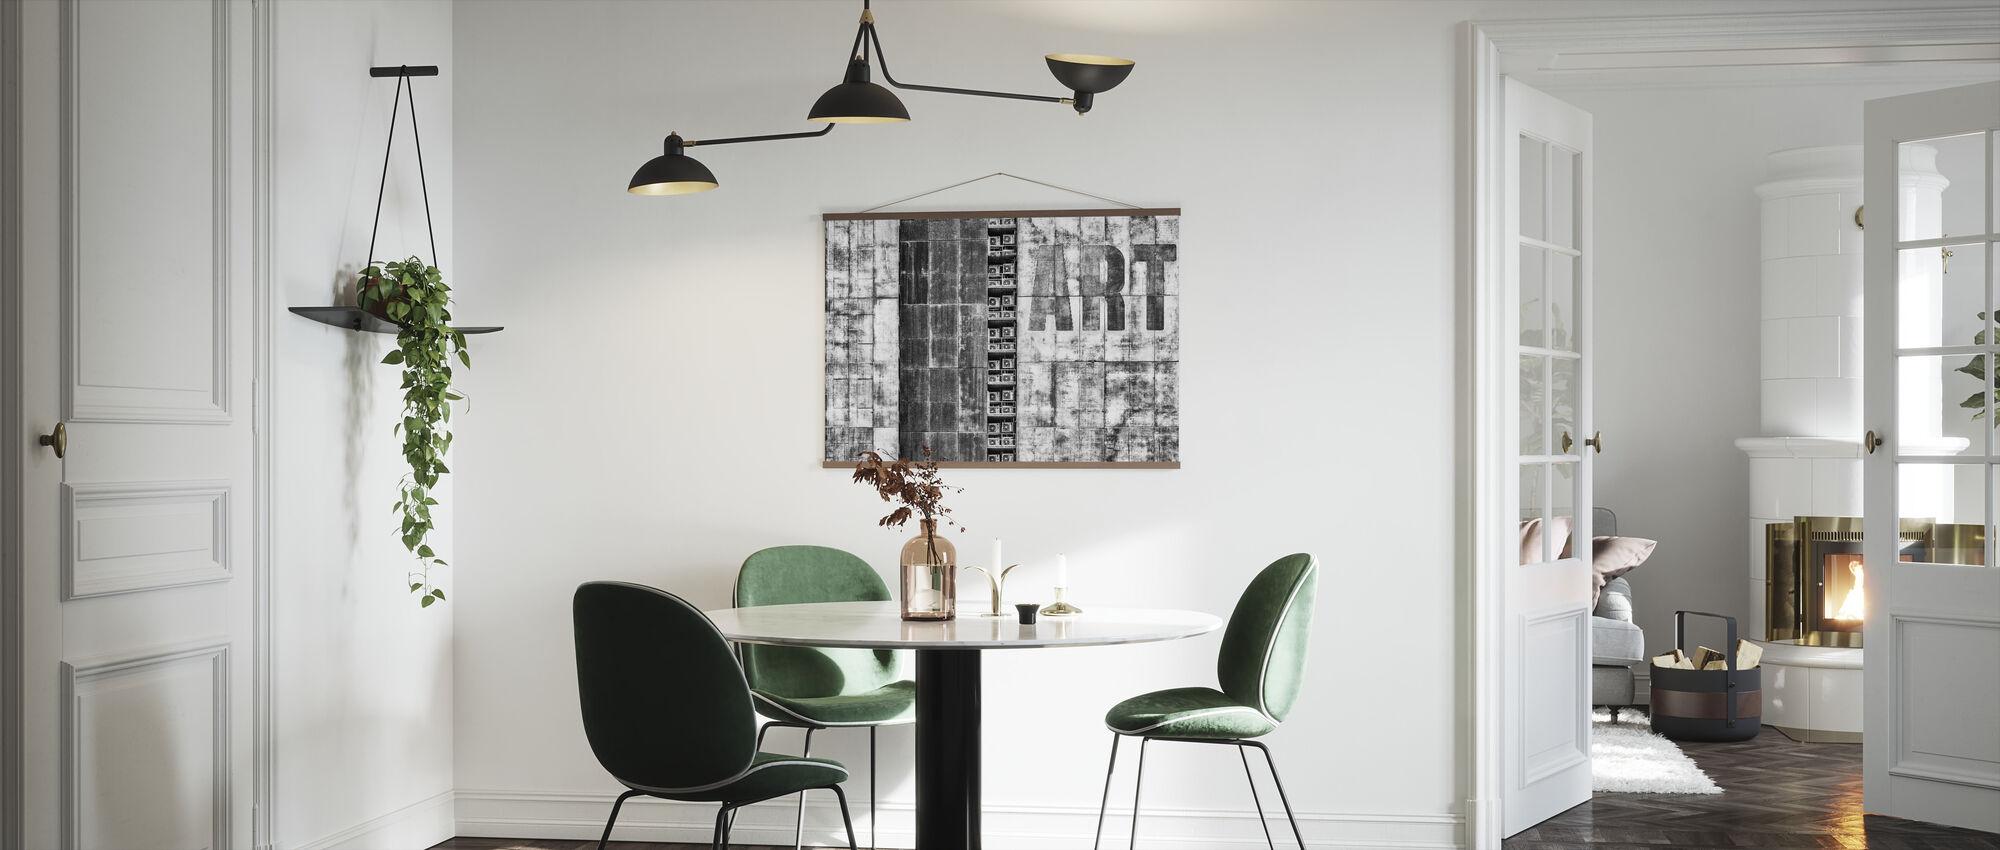 Gritty Paleis - Poster - Keuken